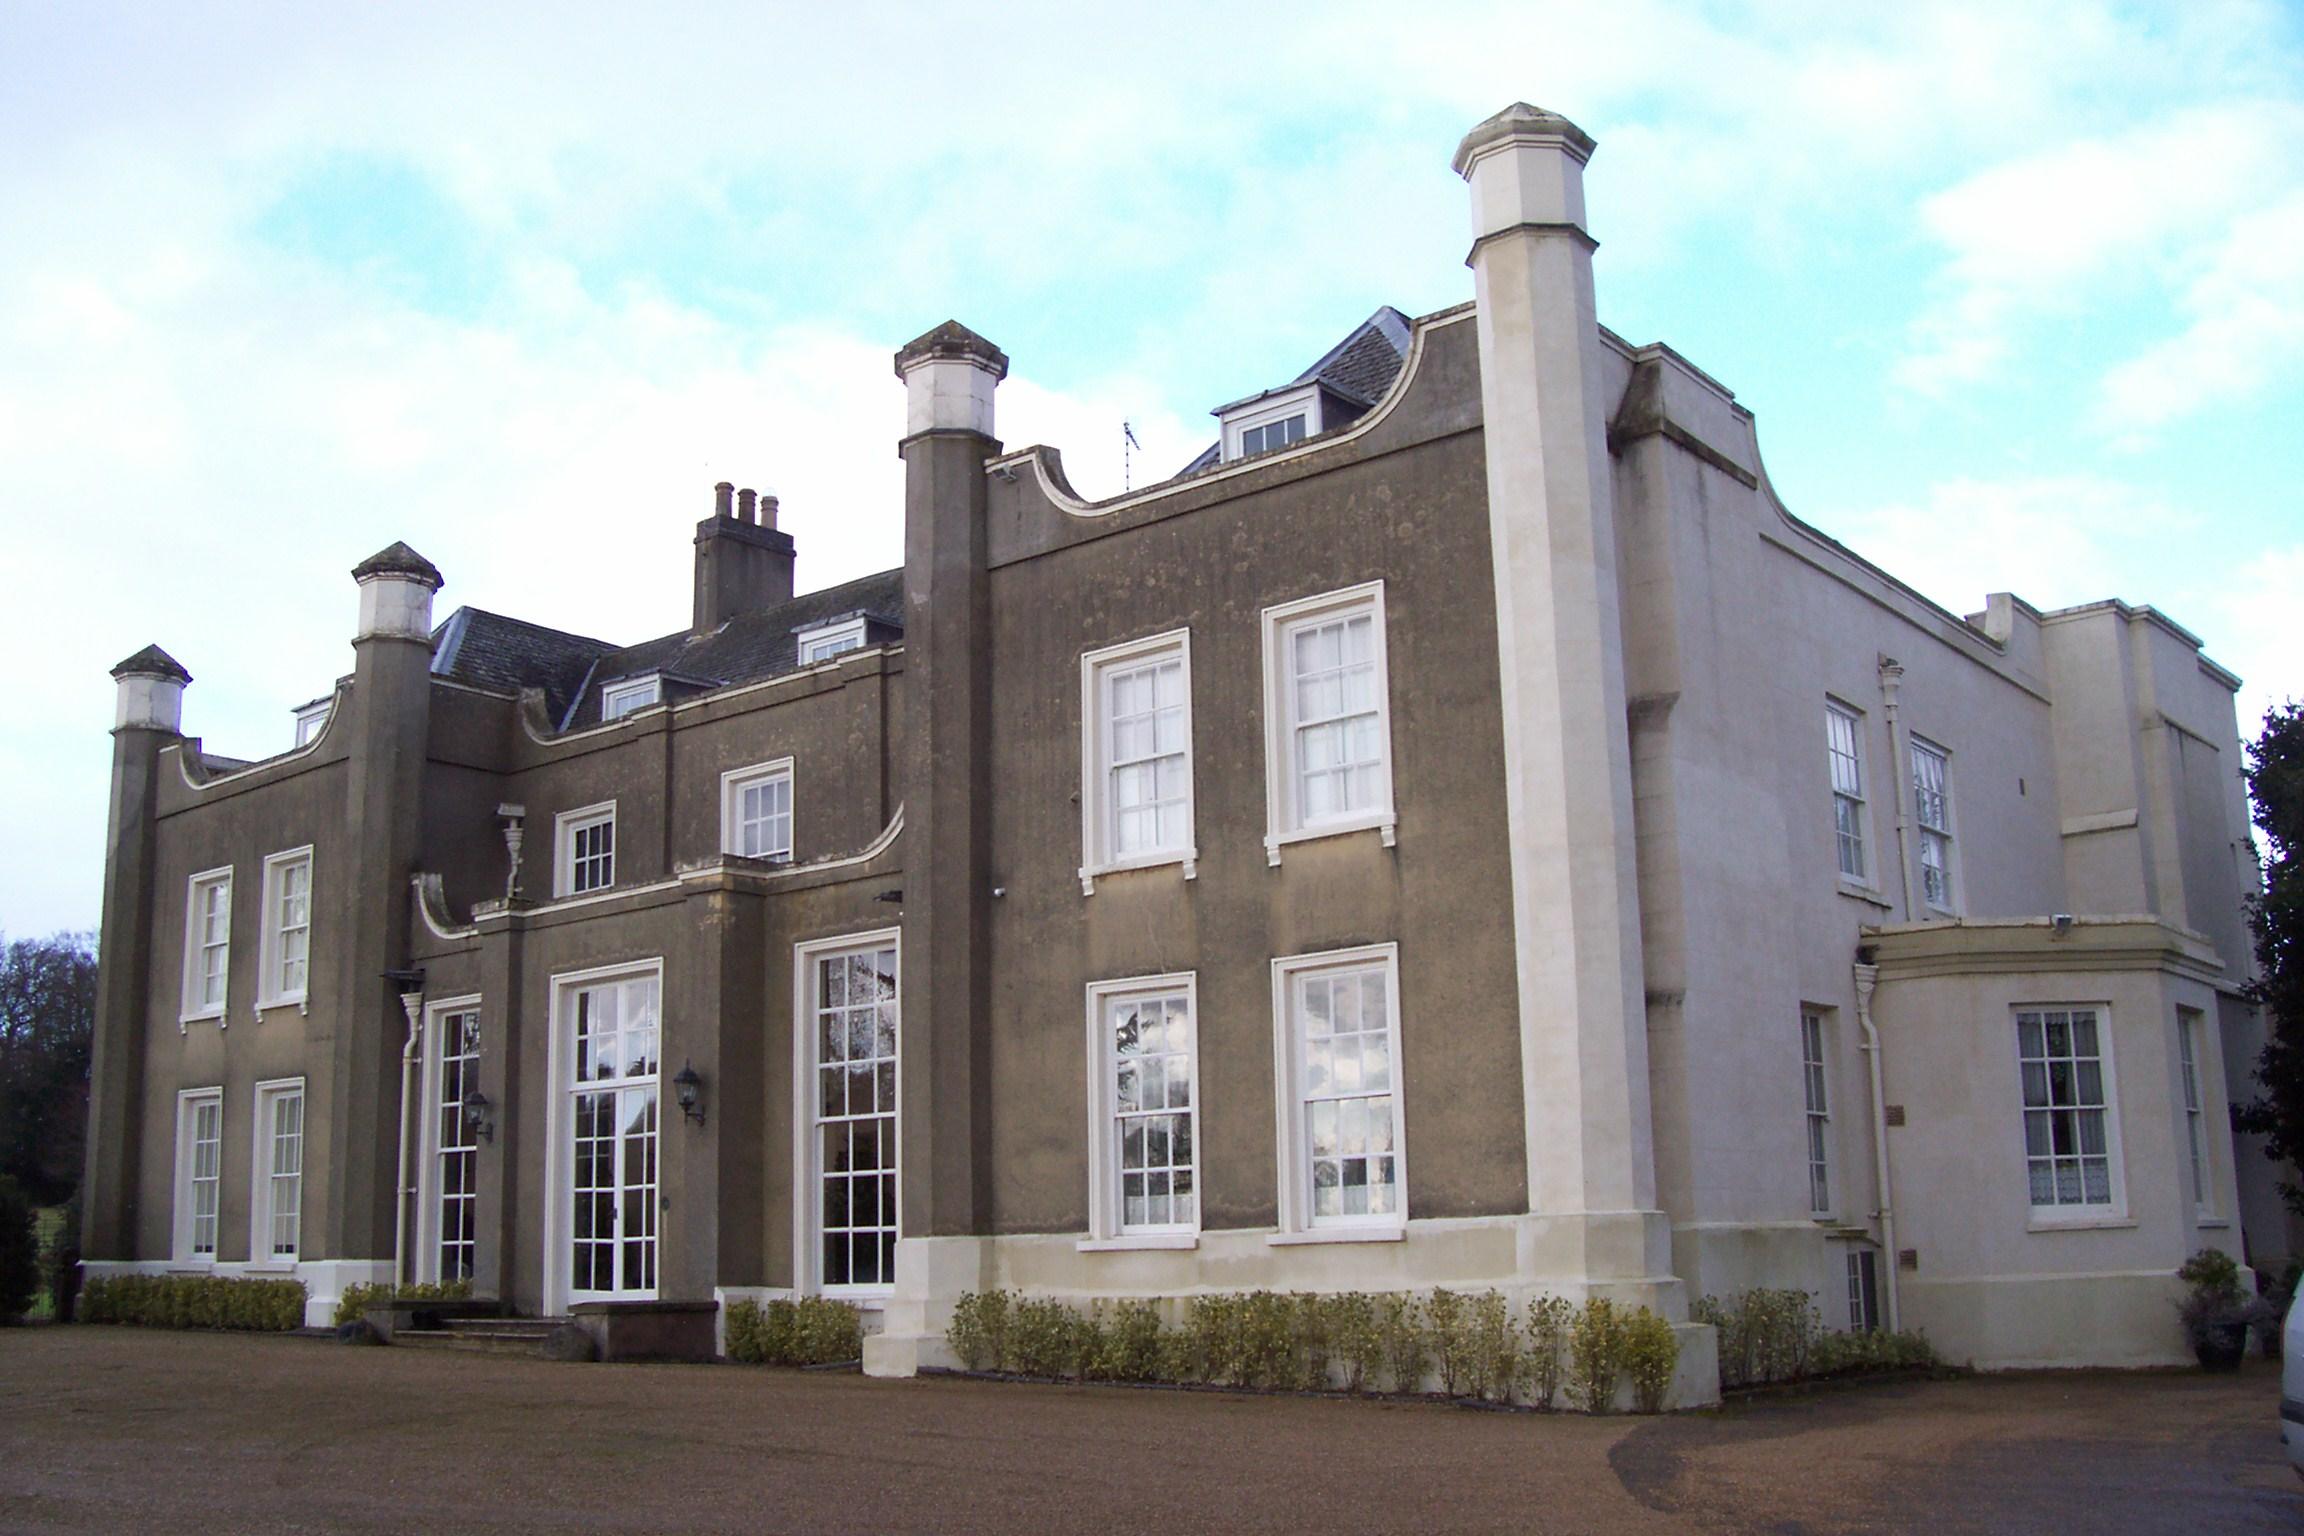 Wistow Hall